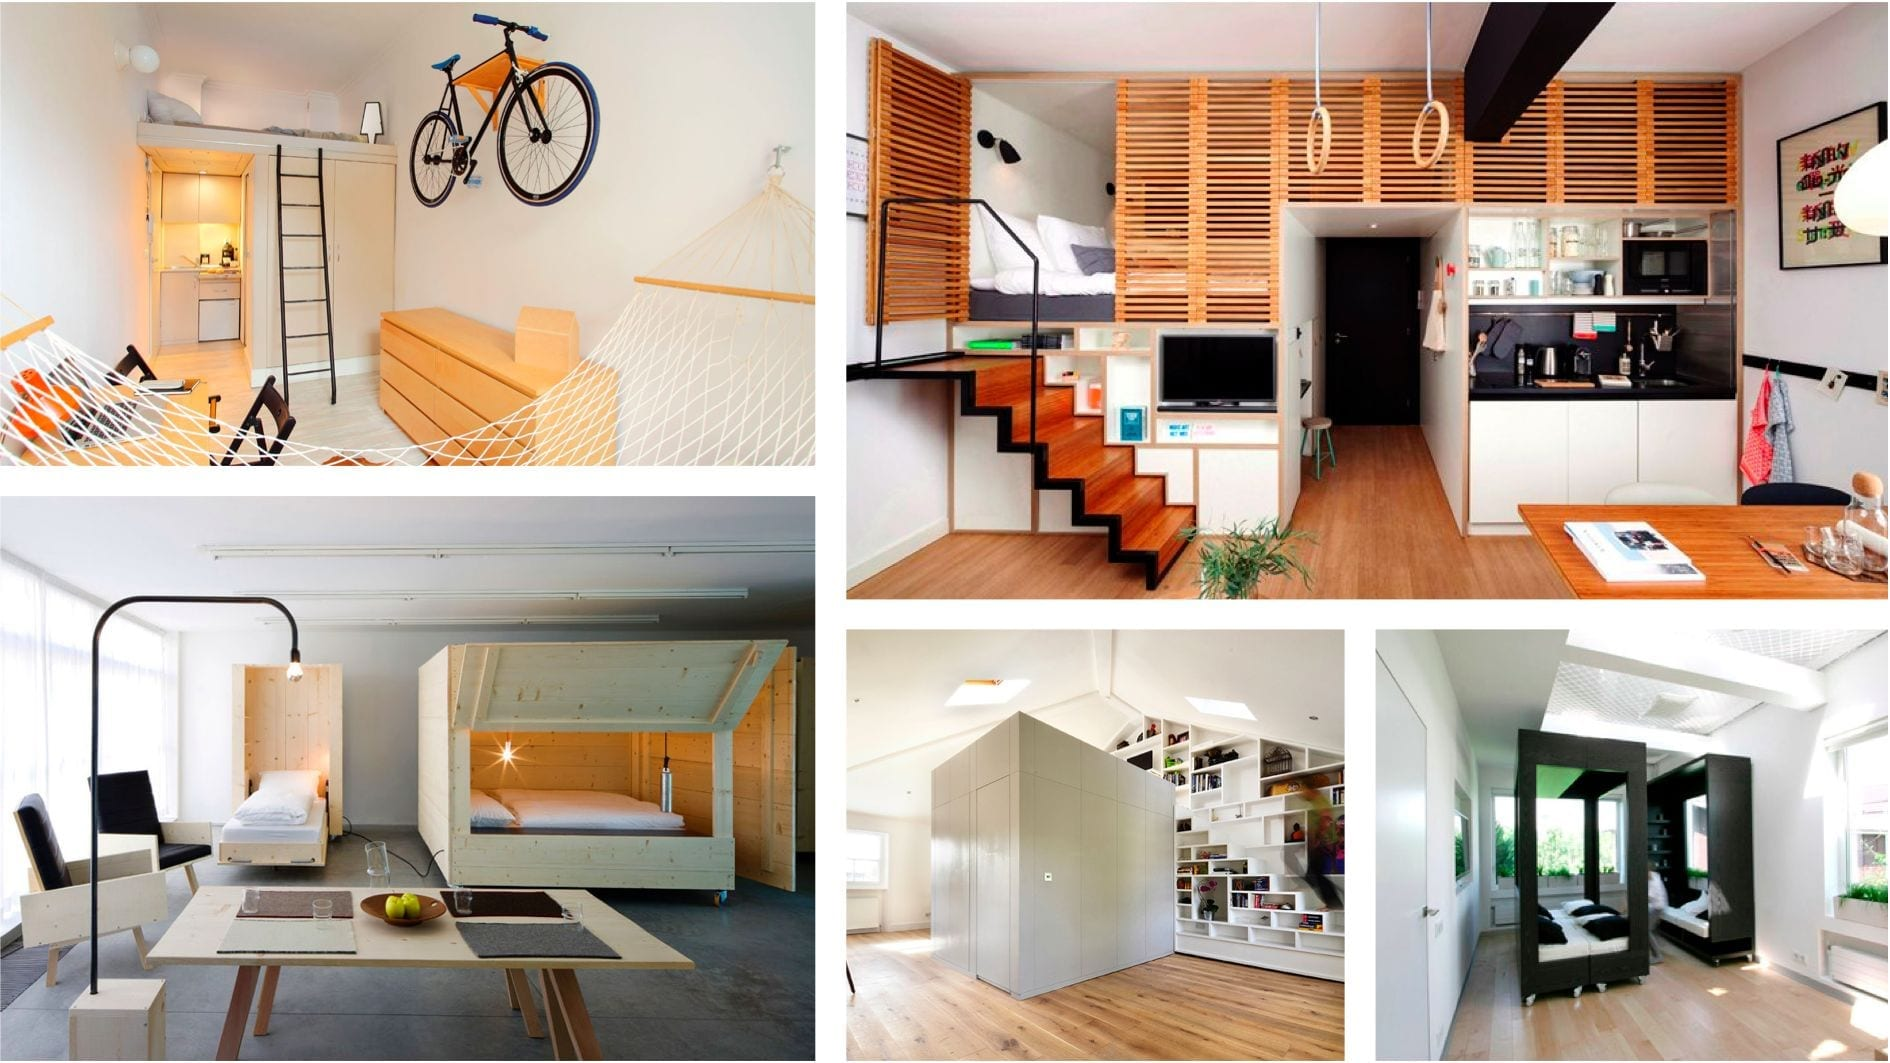 Le case trasformabili ti dimostrano che arredare con flessibilità è possibile